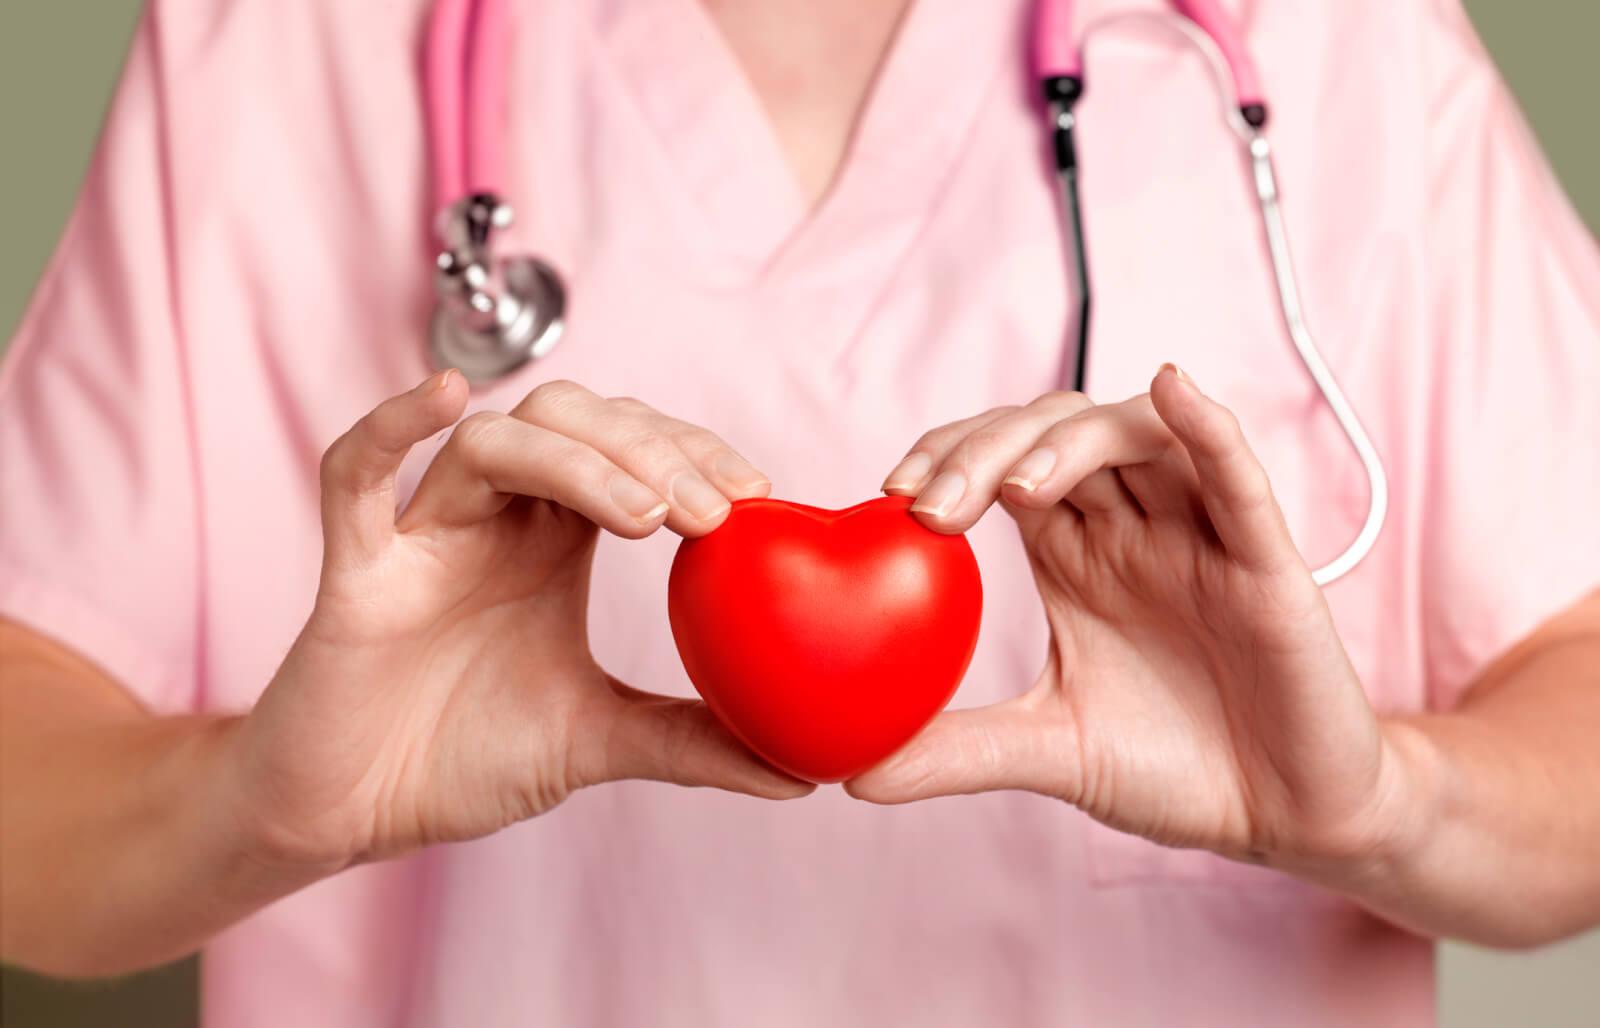 Картинками для укрепление сердца